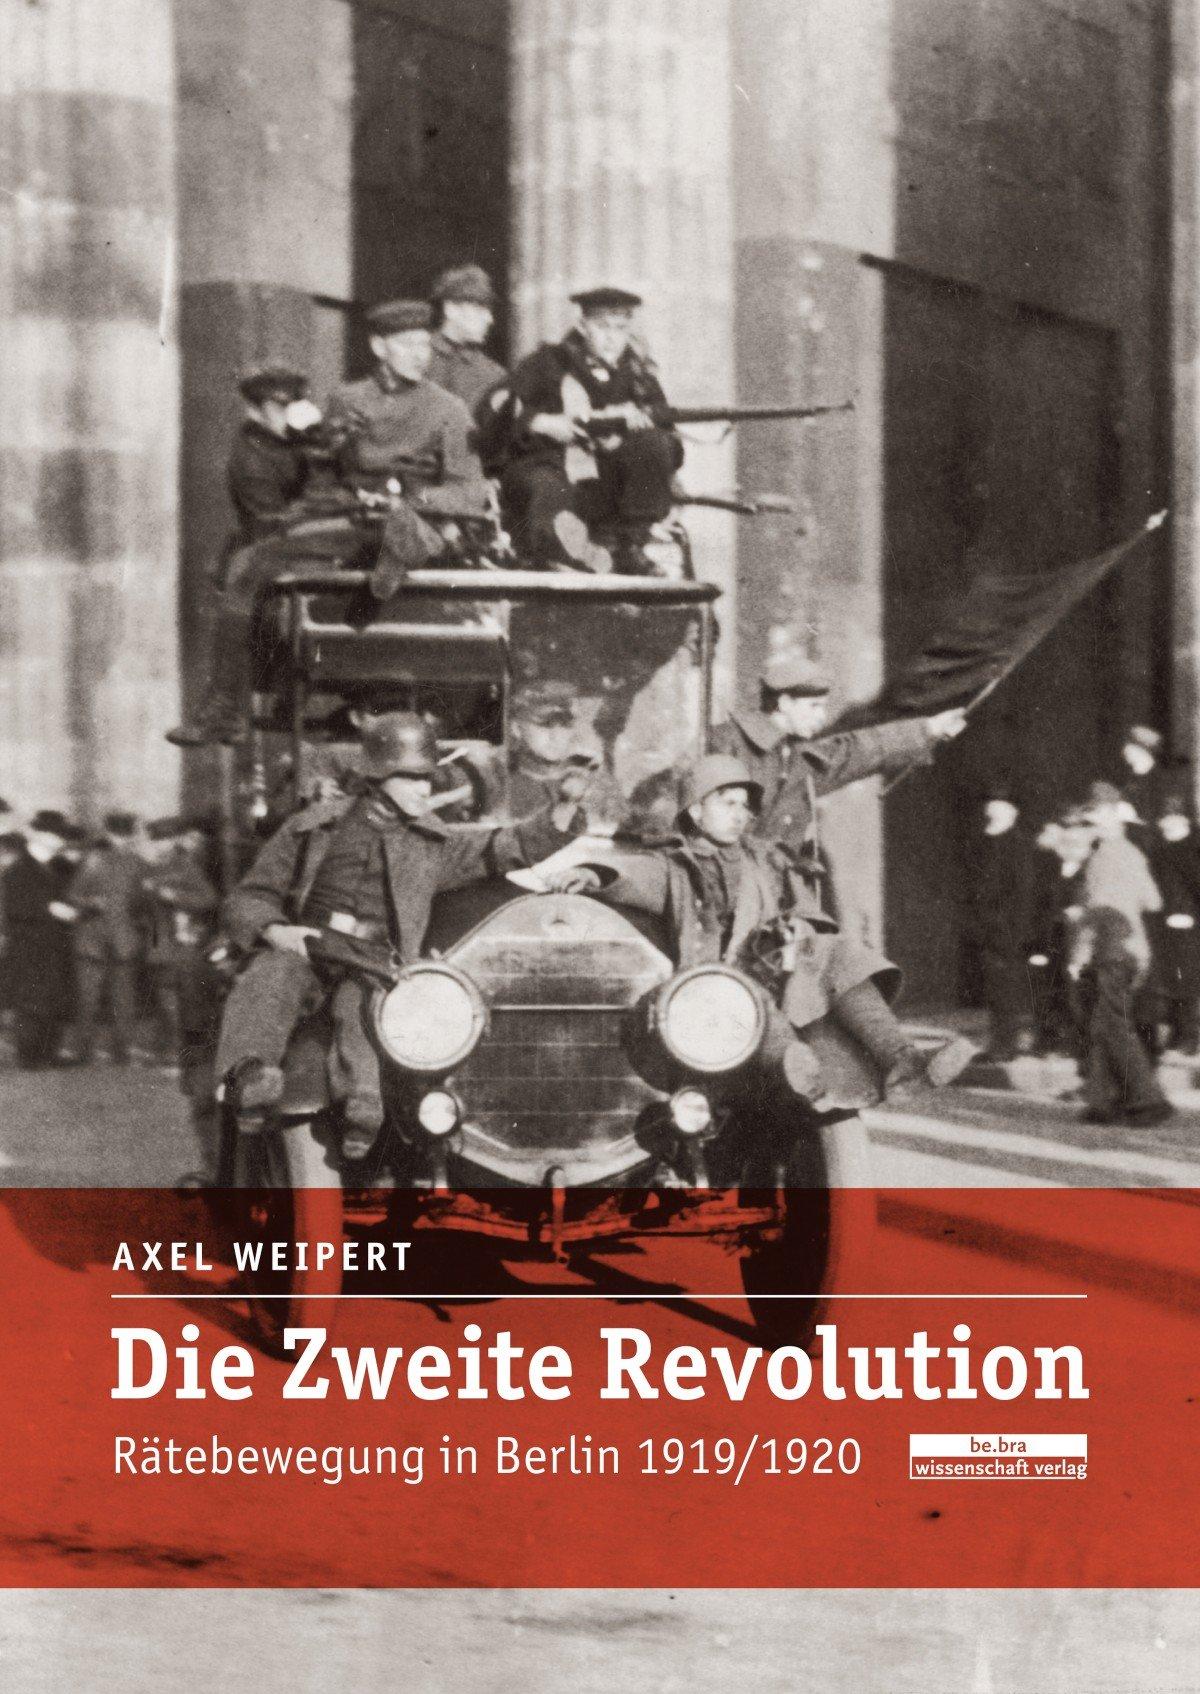 Die zweite Revolution